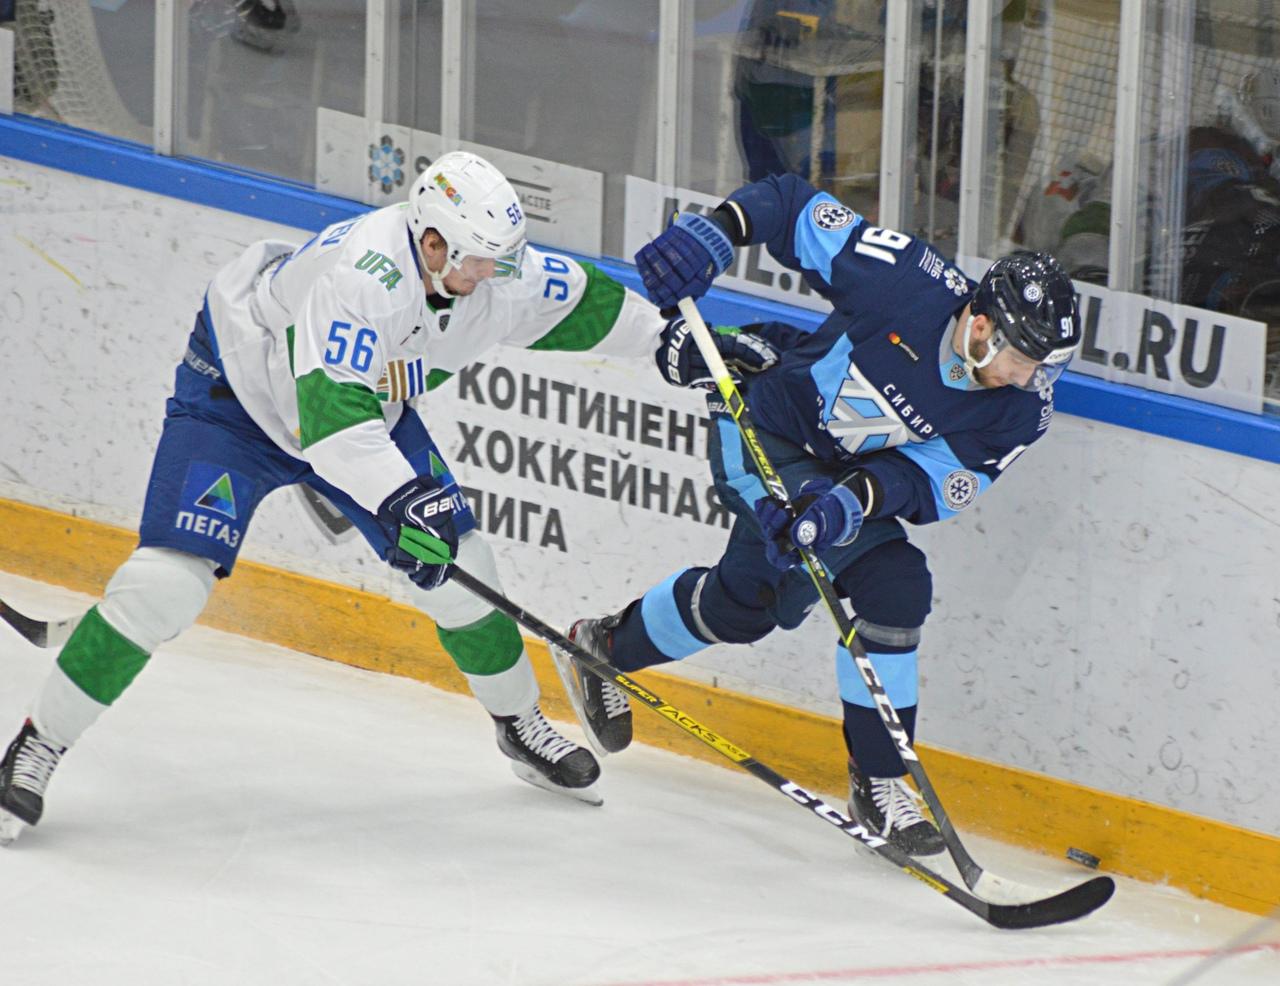 Хоккейная «Сибирь» начала 2021 год с разгромного поражения в Нижнекамске